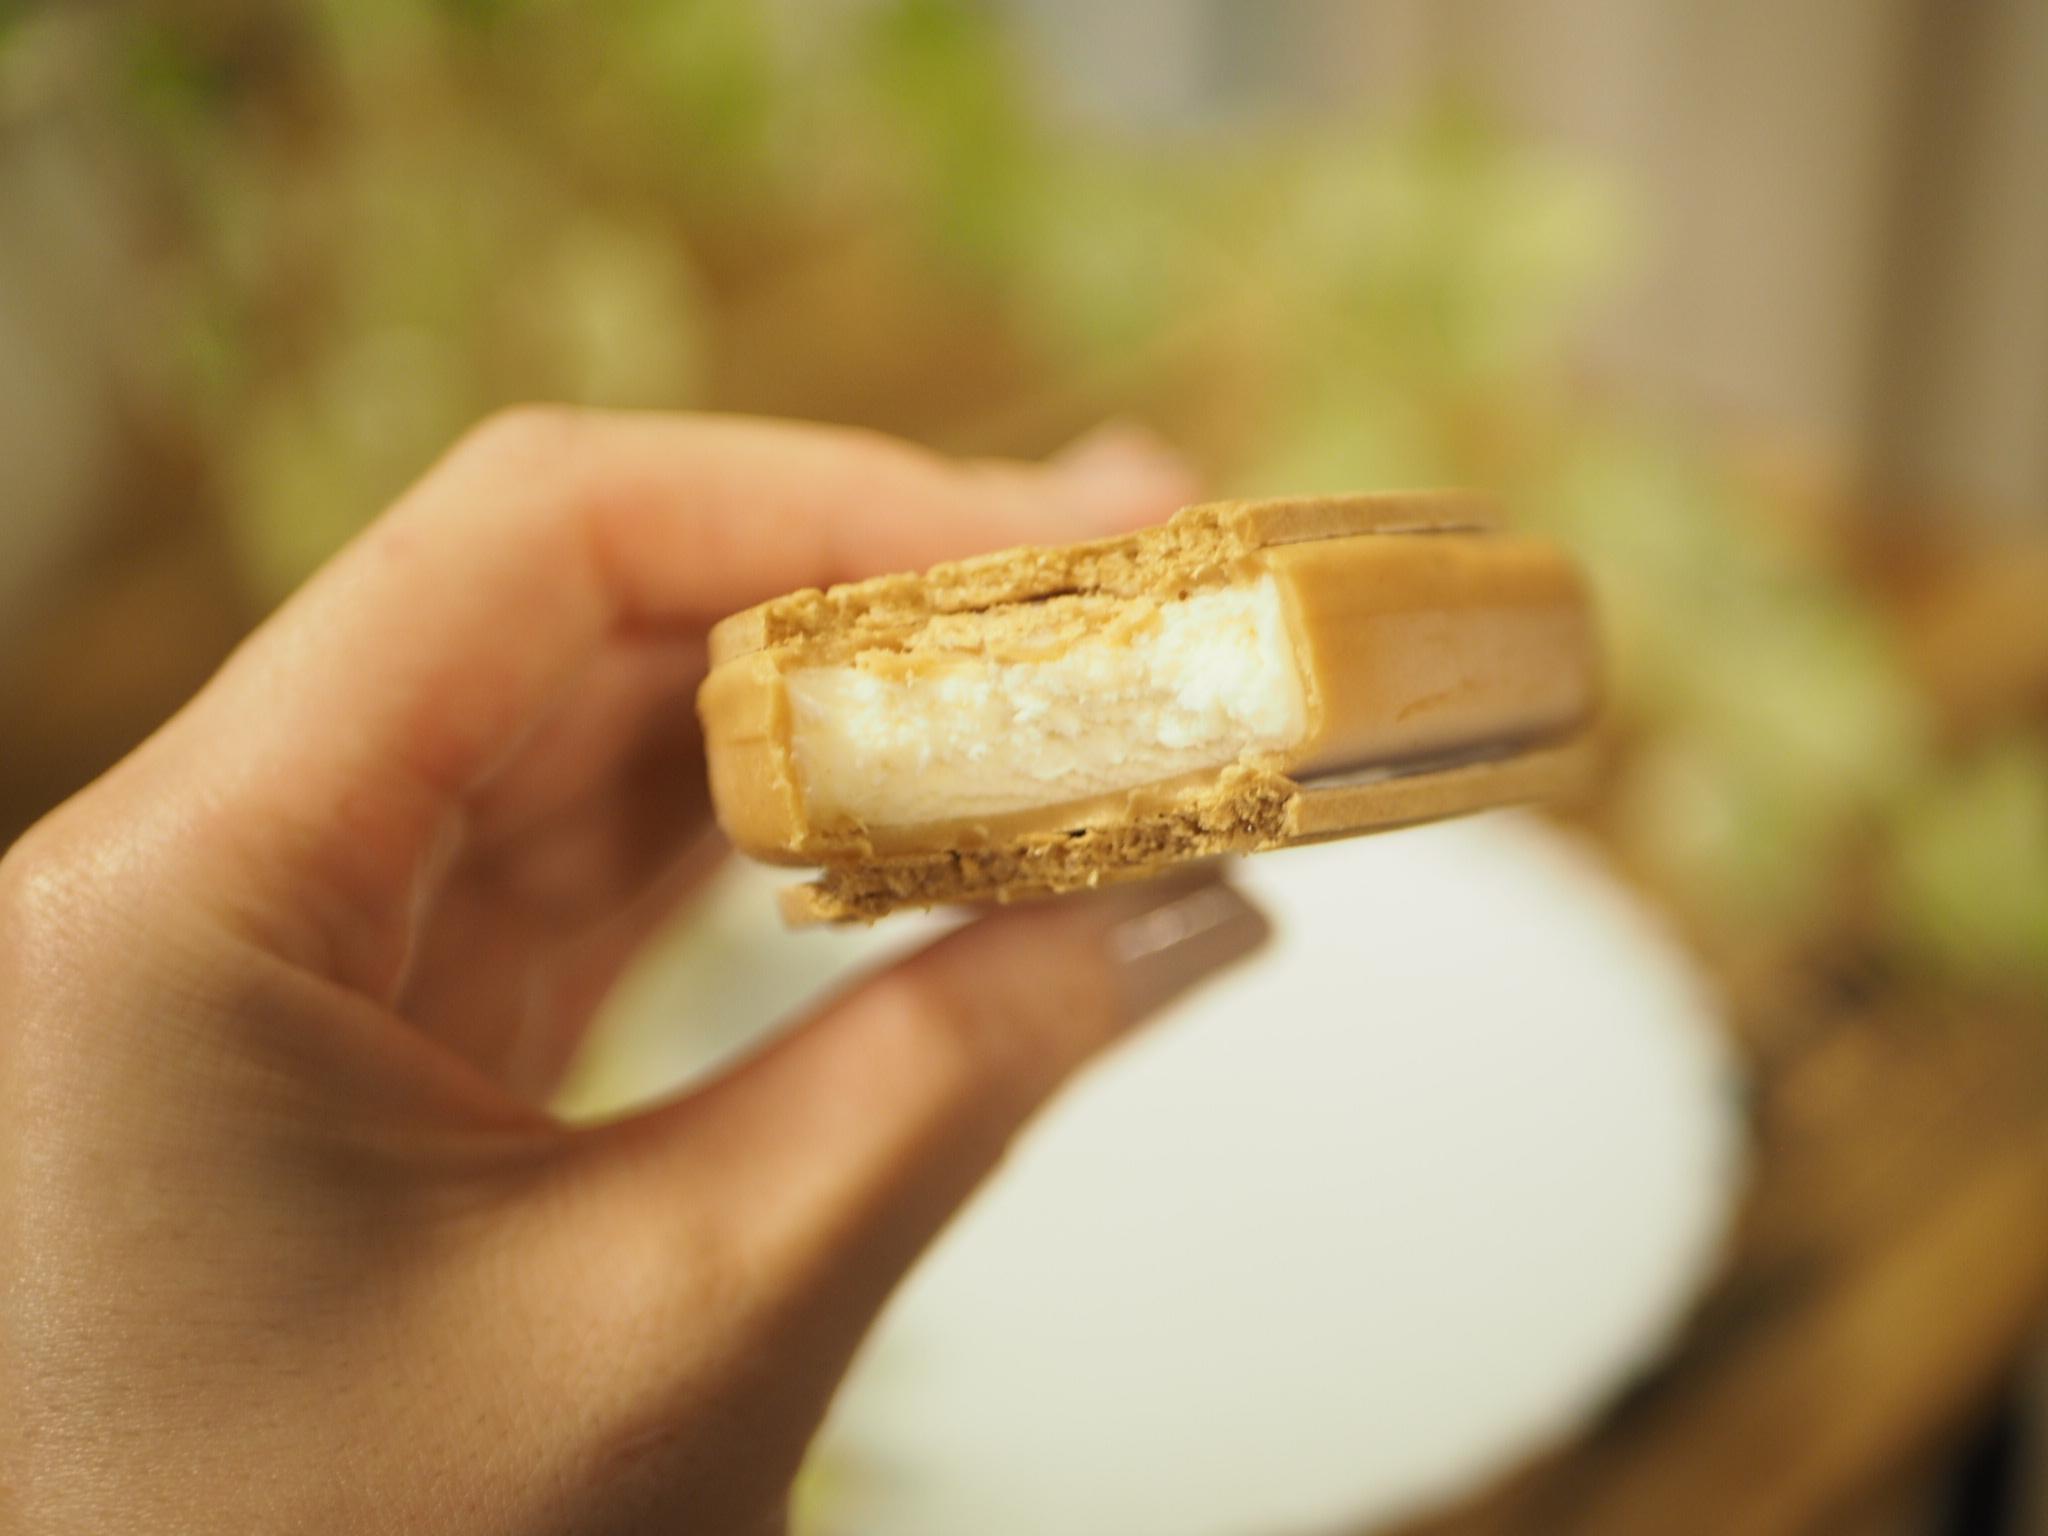 【ハーゲンダッツ】濃厚な味わいのバターサンド♡クリスピーサンド『アーモンドバターサンド』が登場♩_4